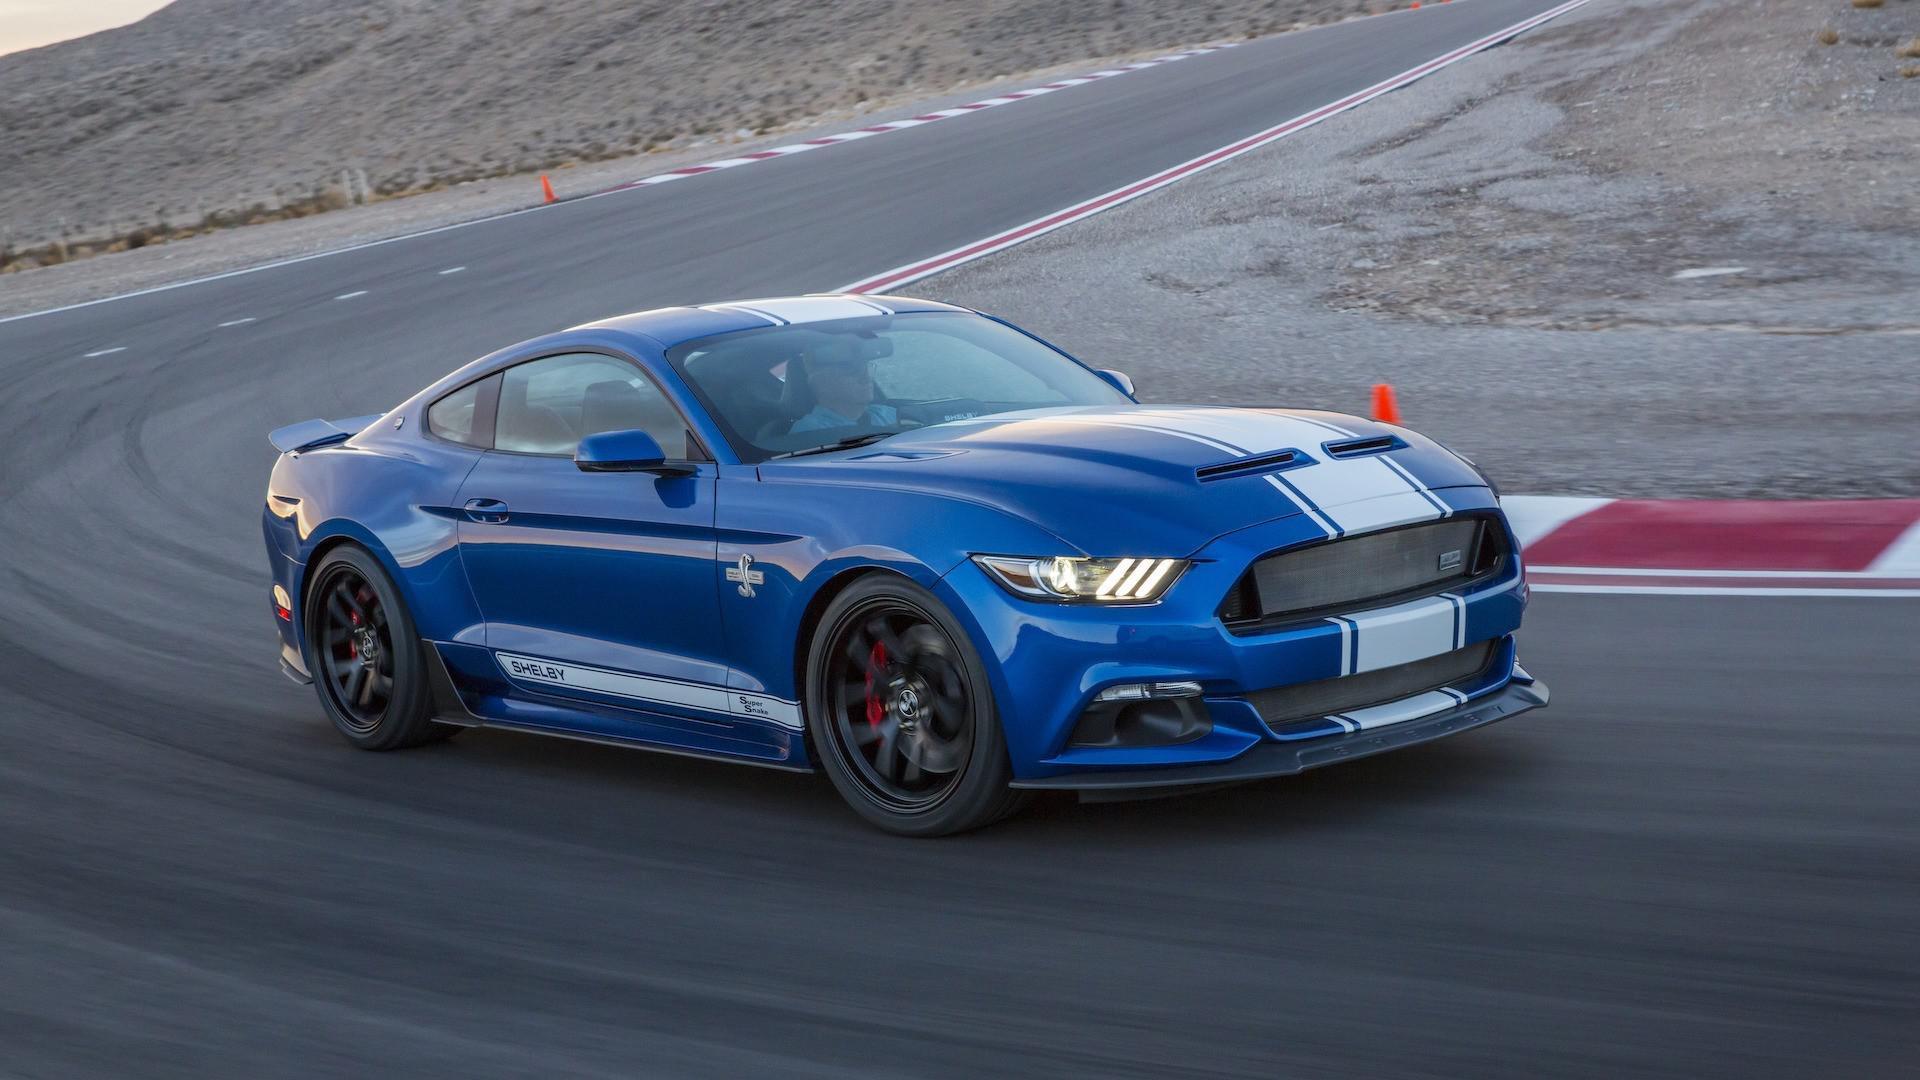 Shelby a dévoilé une version Super Snake de la Mustang de 750 chevaux pour fêter les 50 ans